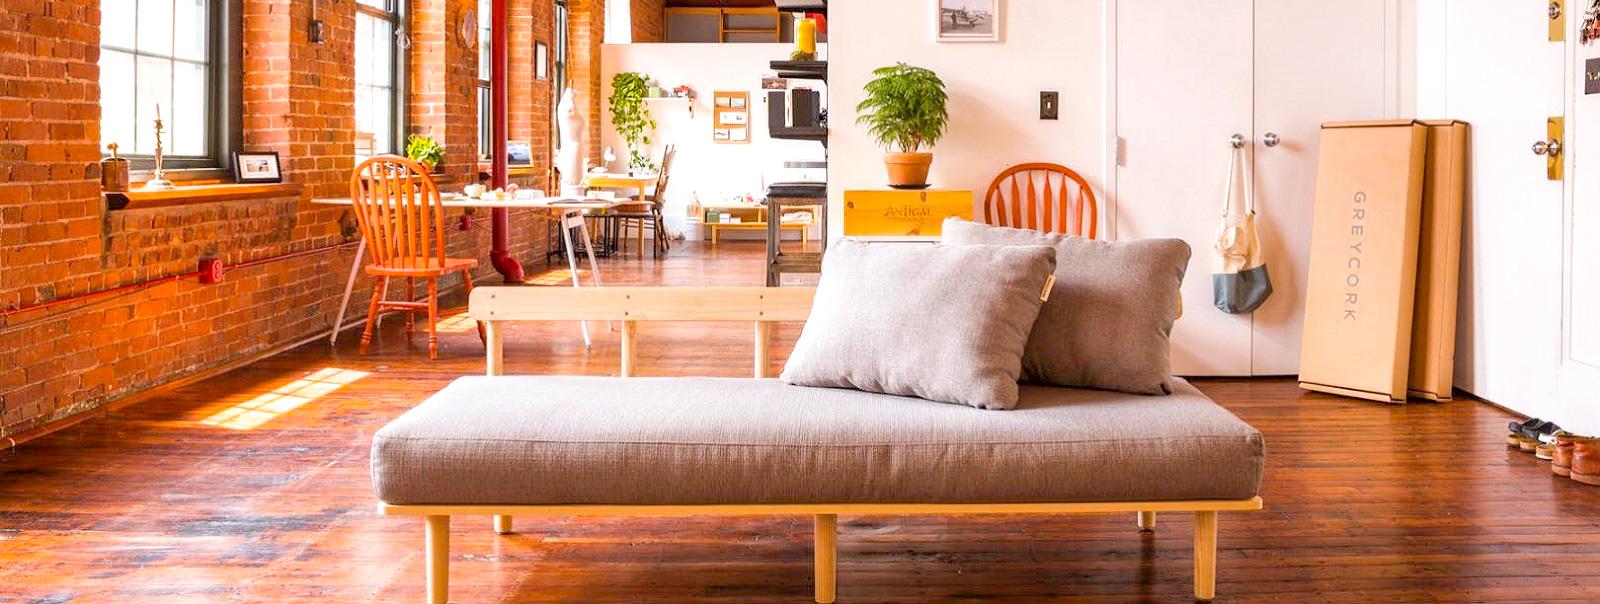 Greycork Living Room Set – суперкомпактный комплект мебели для гостиной